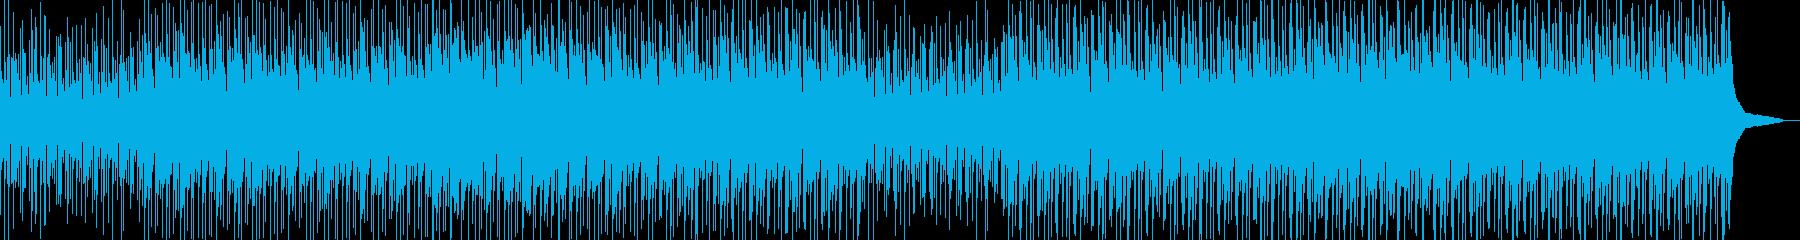 ハワイ/可愛いウクレレ/軽快/ほのぼのの再生済みの波形